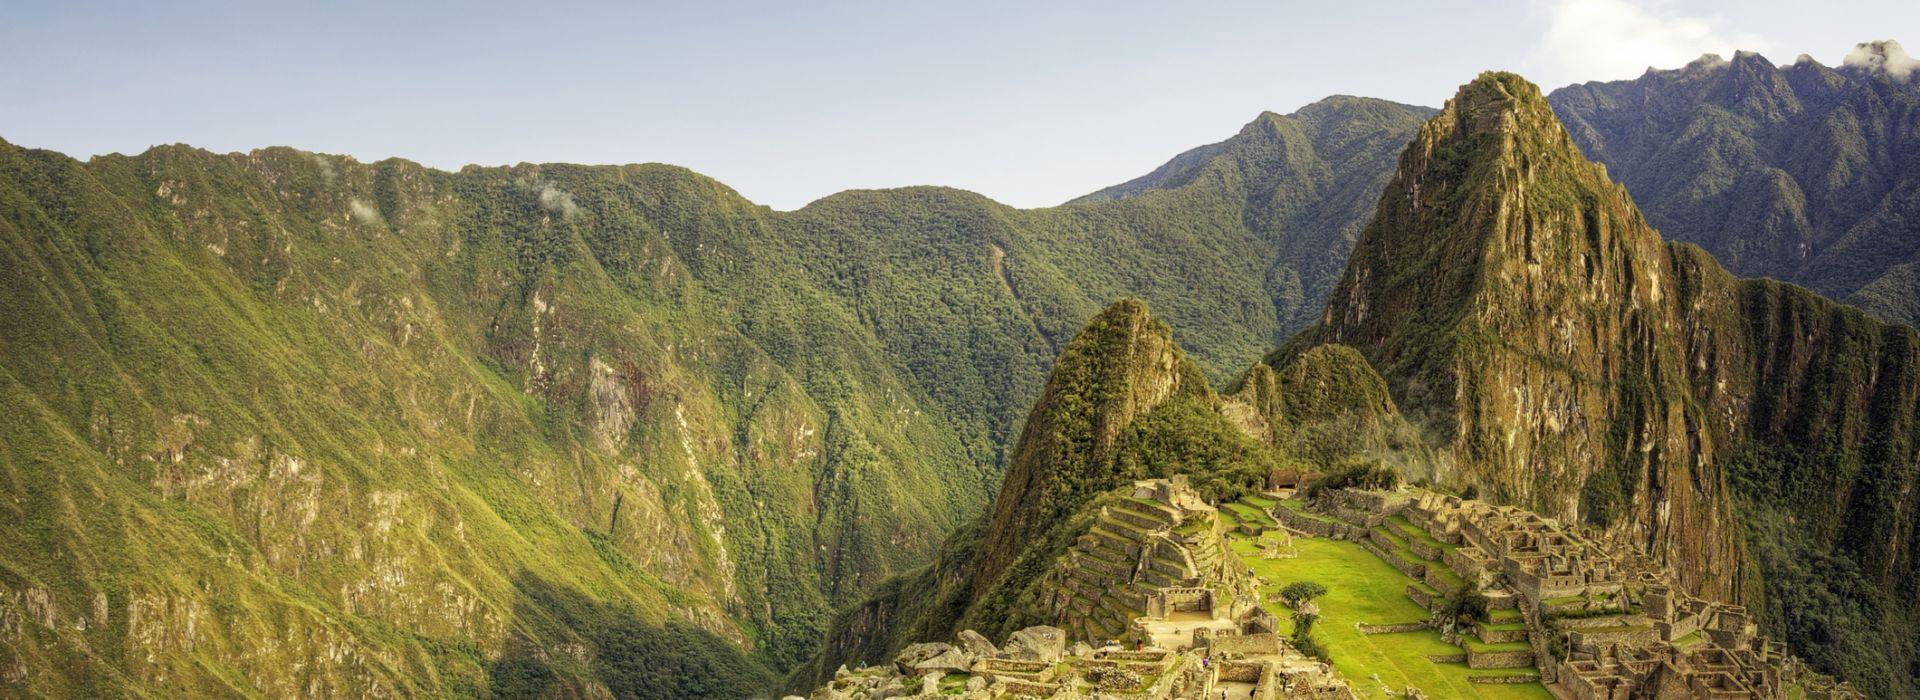 Travelling Peru - Tours and Trips in Peru